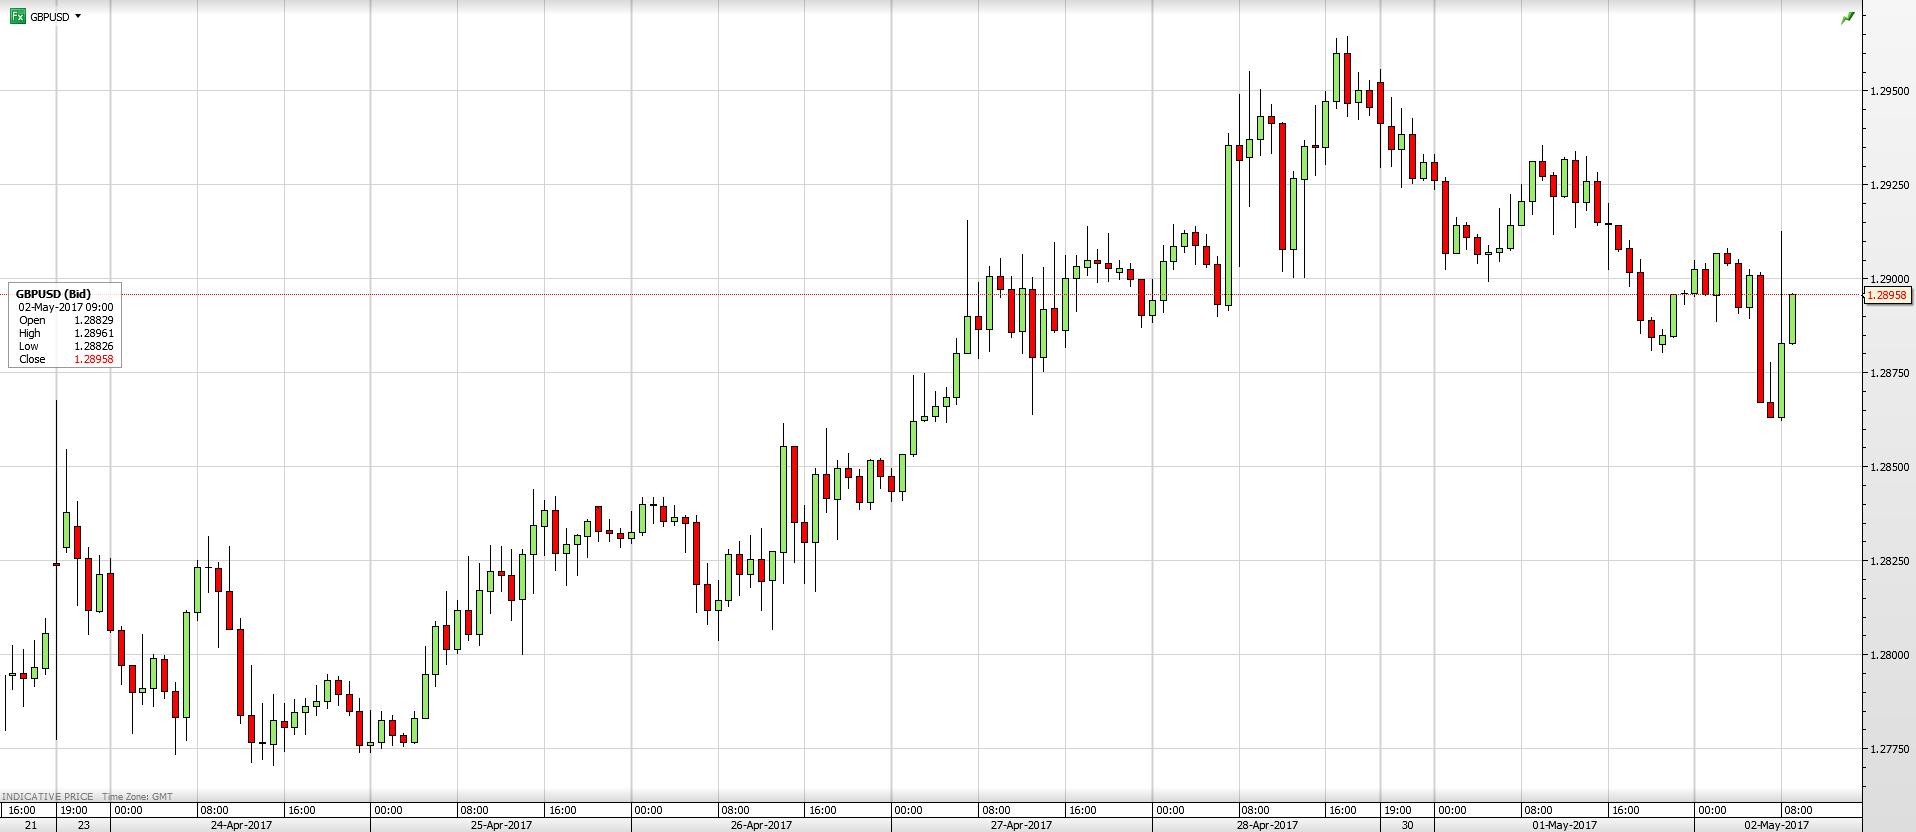 GBP/USD 1 Week